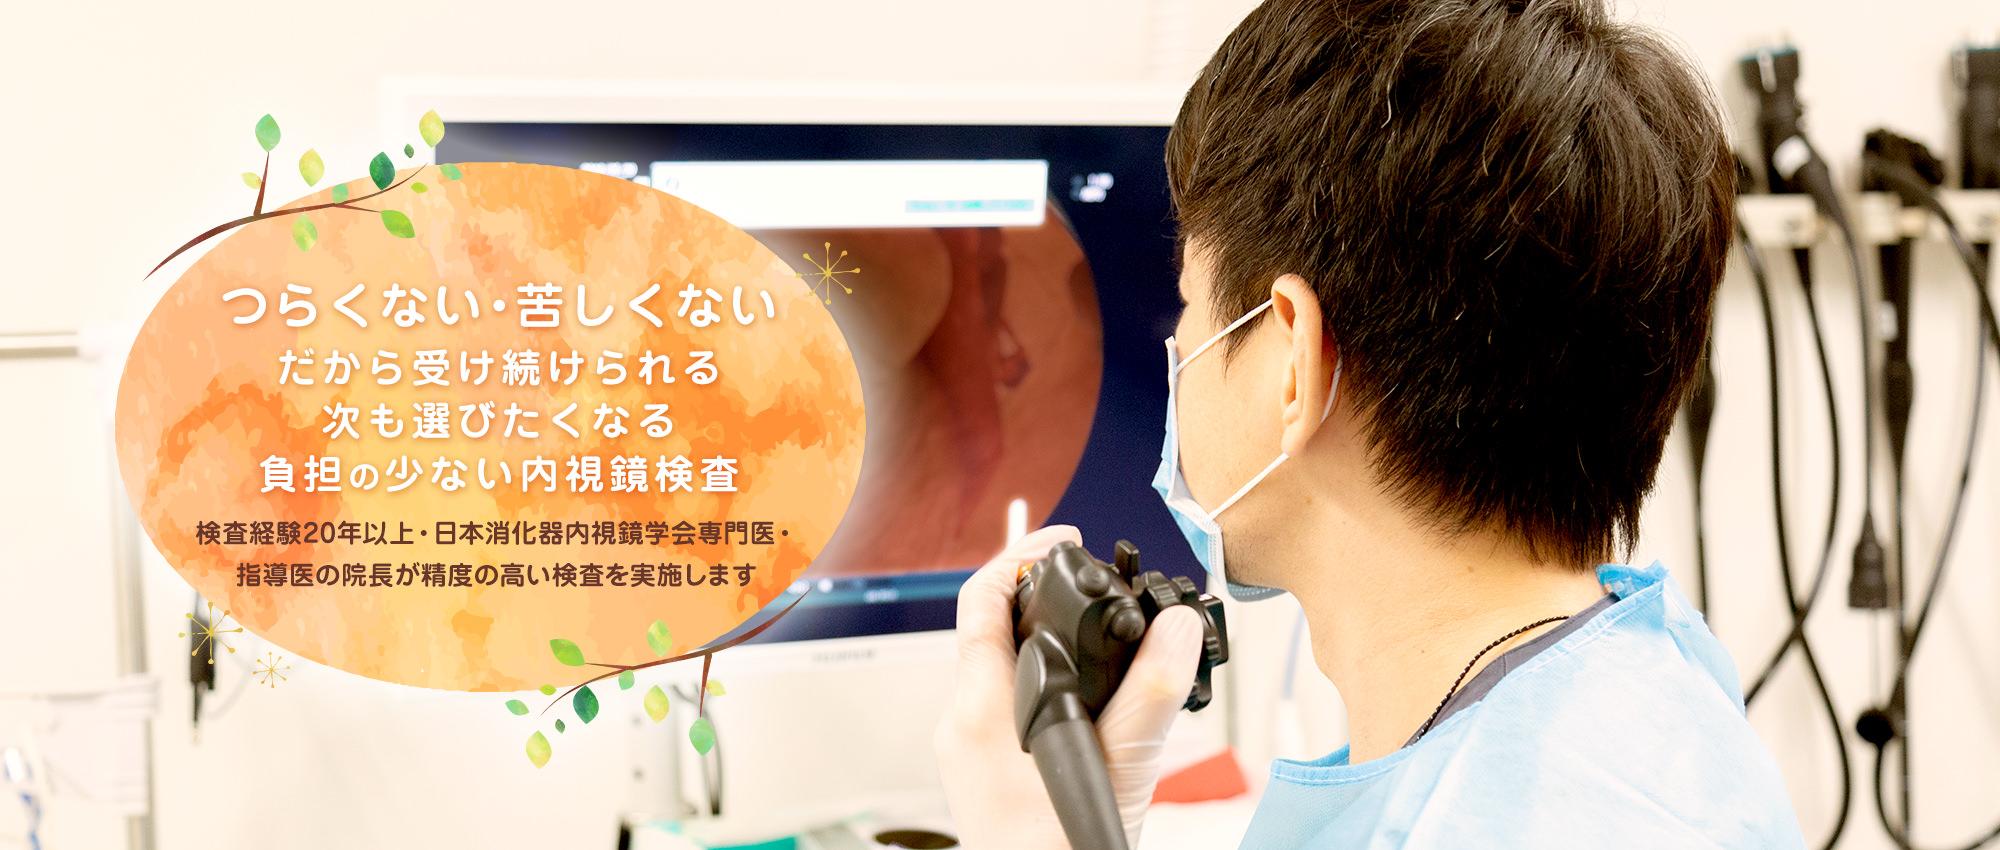 つらくない・苦しくない・だから受け続けられる 次も選びたくなる負担の少ない内視鏡検査 検査経験20年以上・日本消化器内視鏡学会専門医・指導医の院長が精度の高い検査を実施します